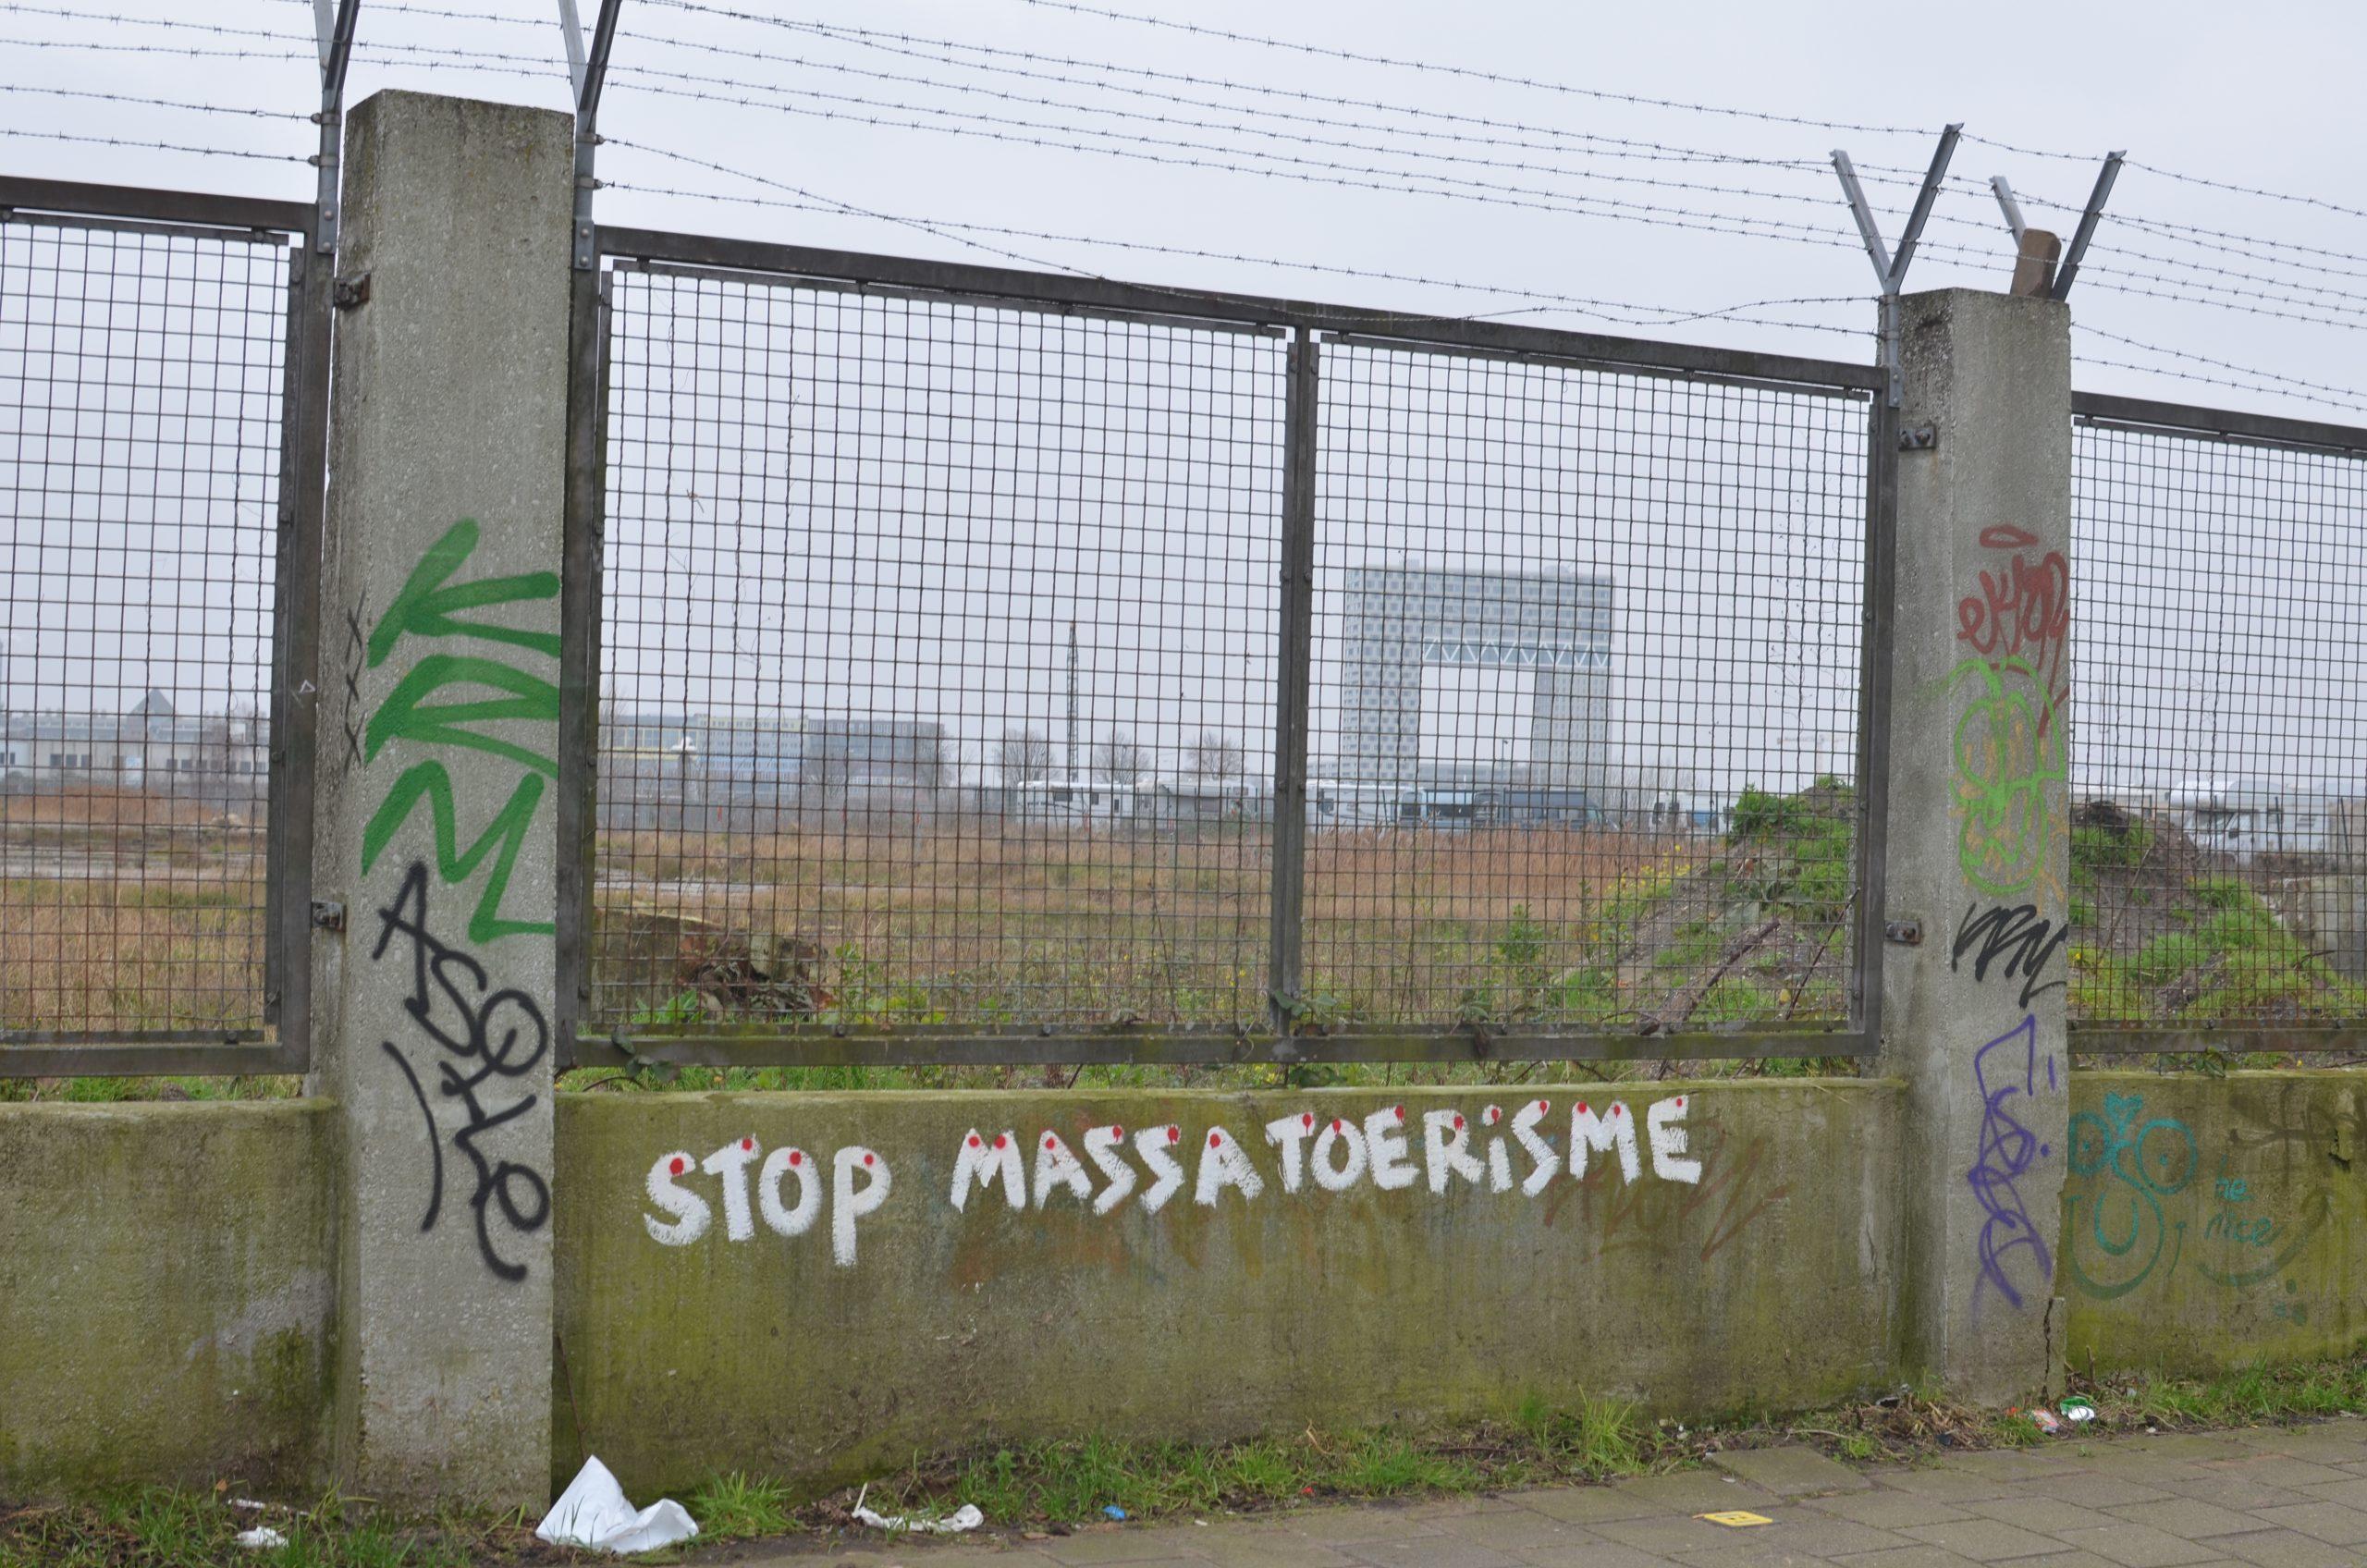 stop mass tourism